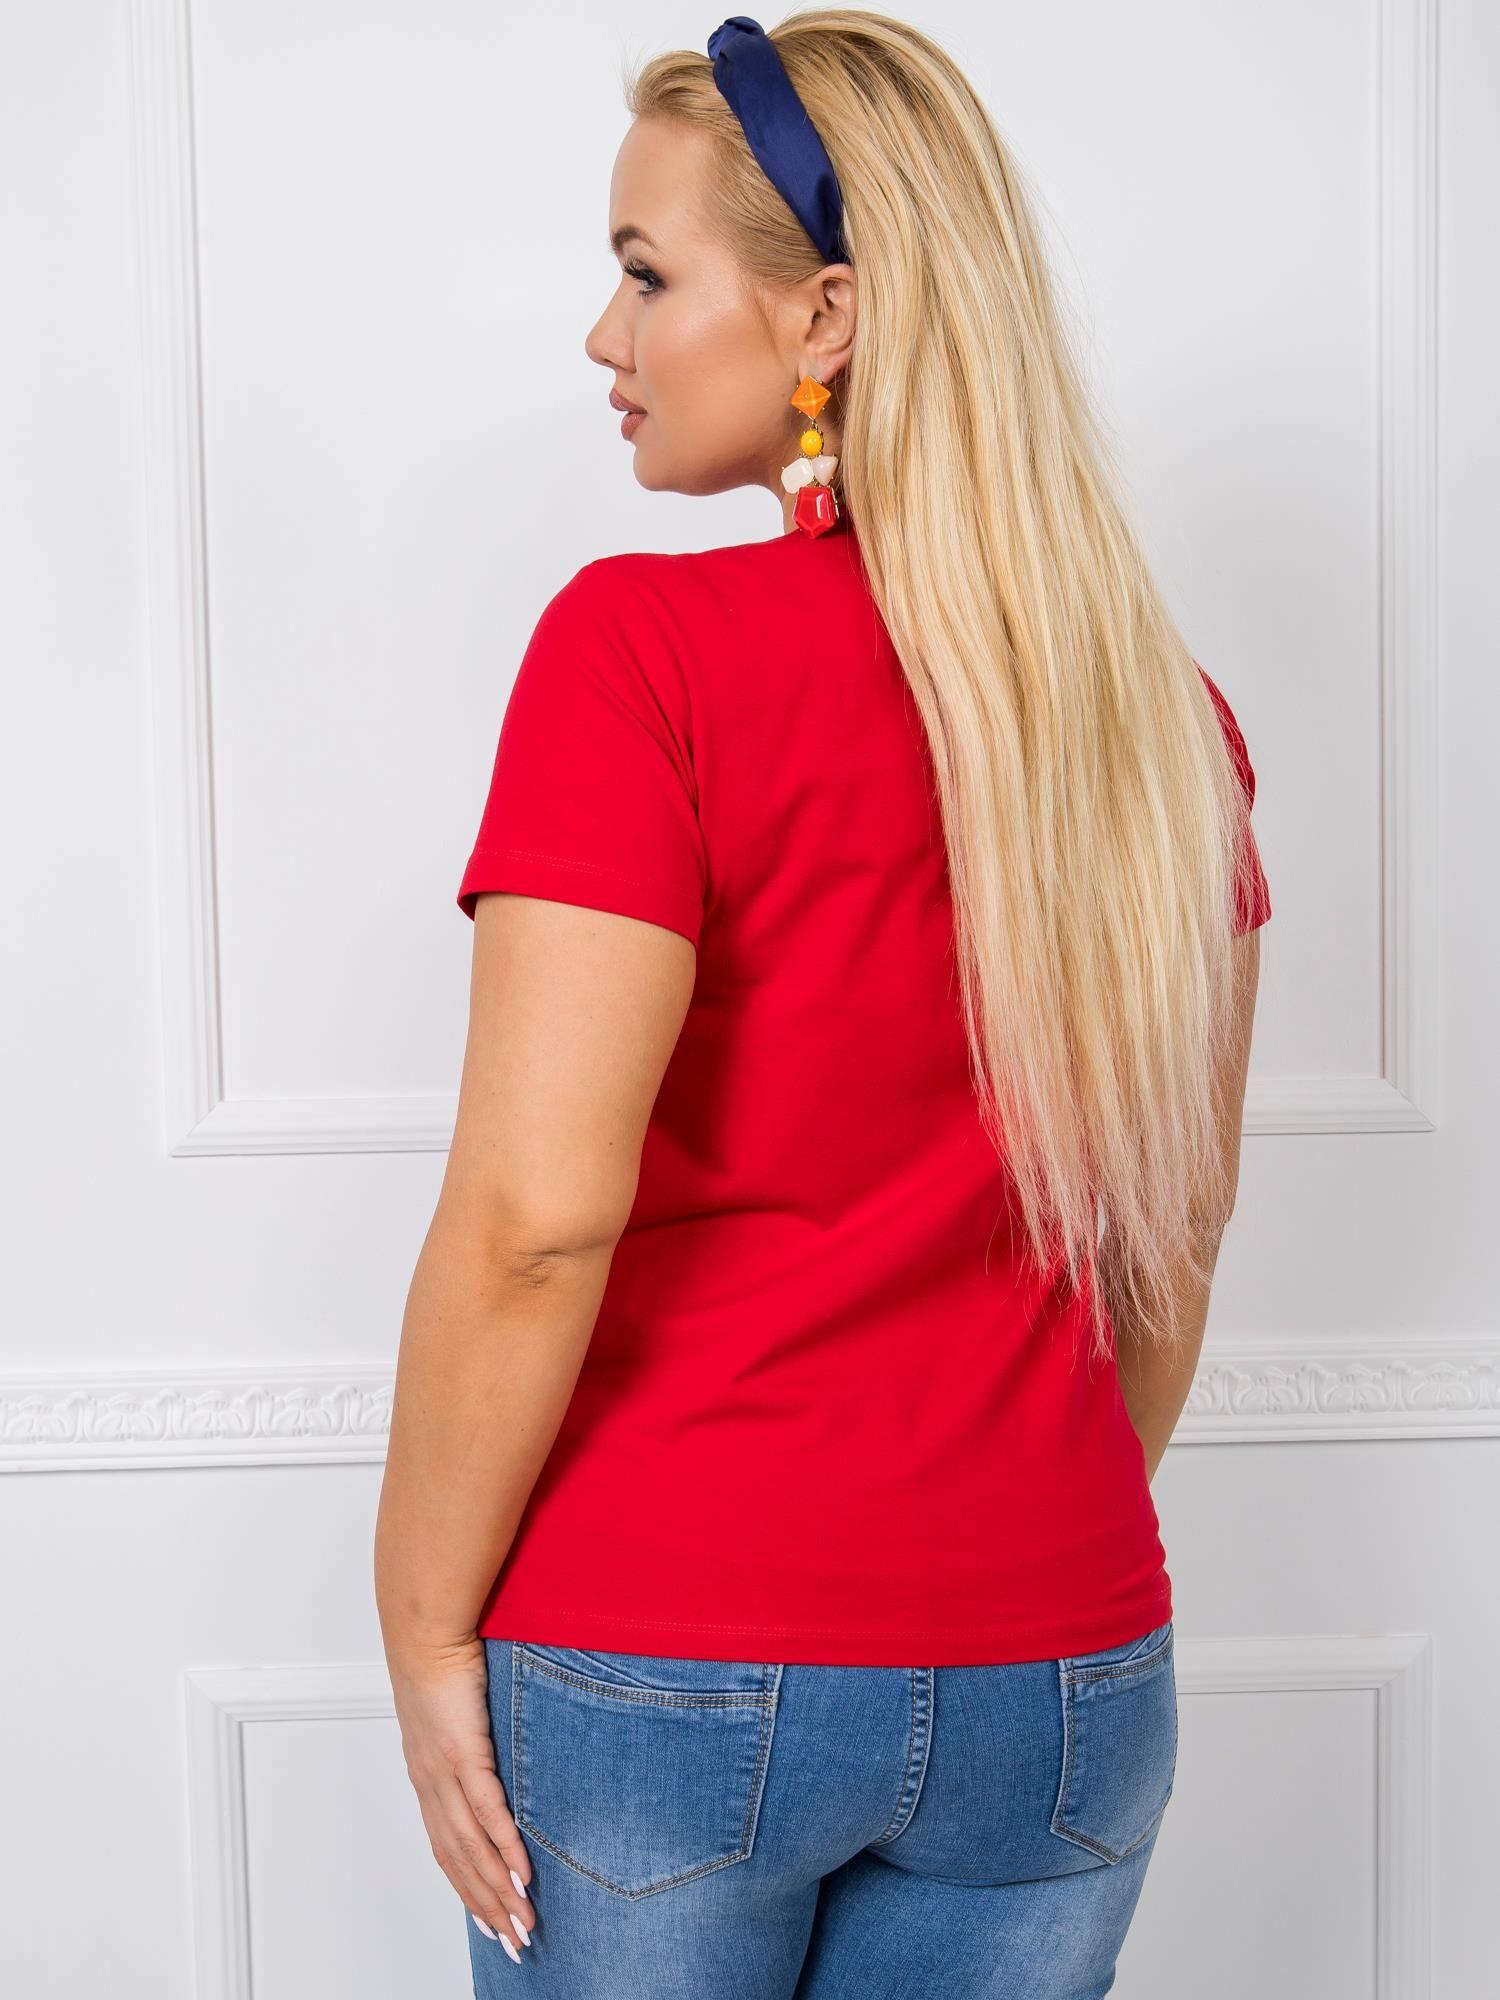 T-Shirt in Rot mit V-Ausschnitt Rückansicht